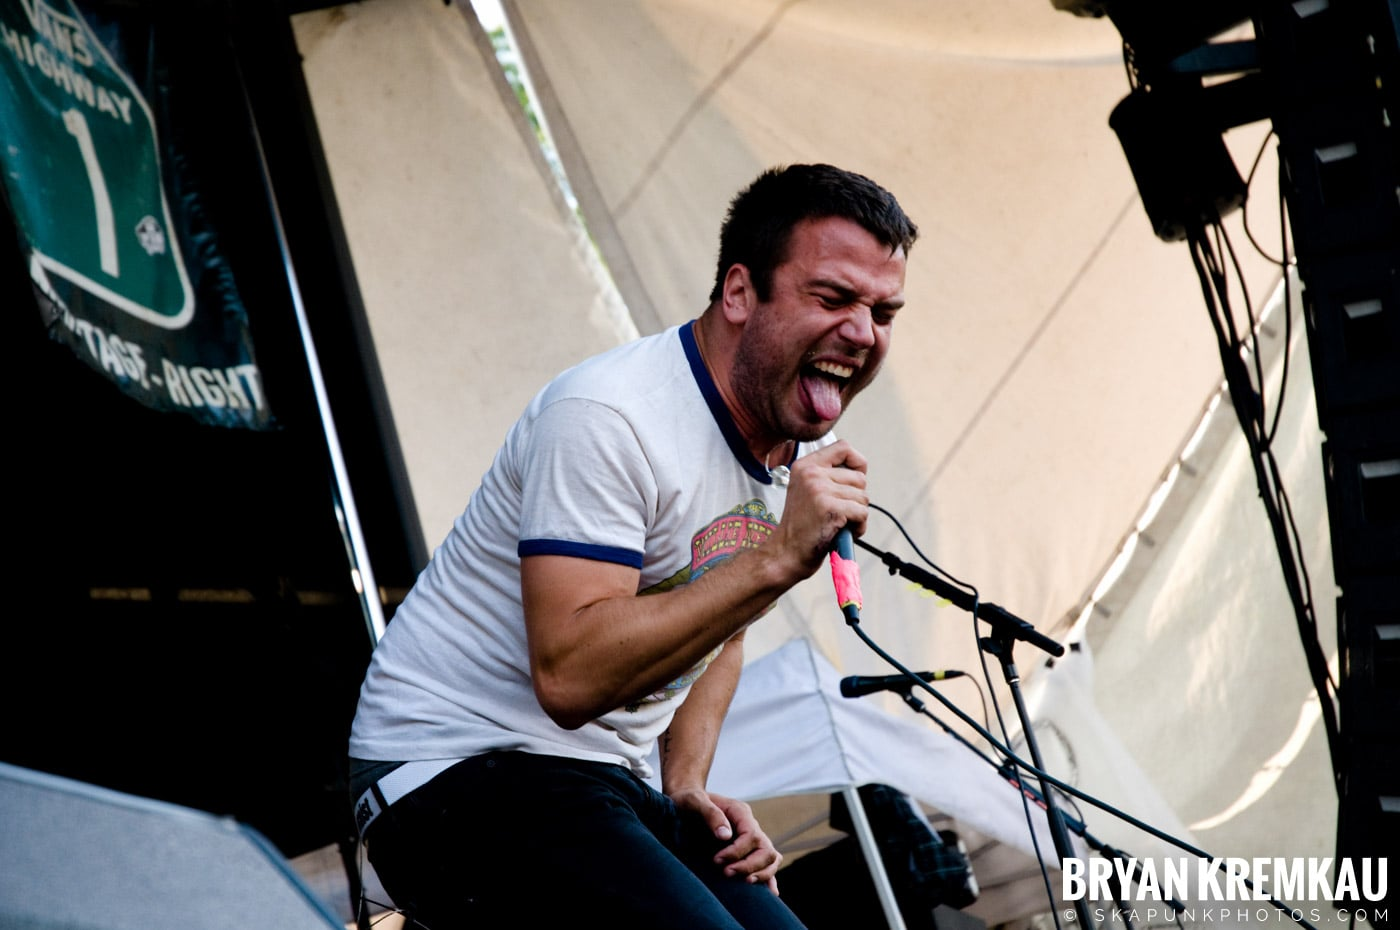 Say Anything @ Warped Tour 08, Scranton PA - 7.27.08 (1)